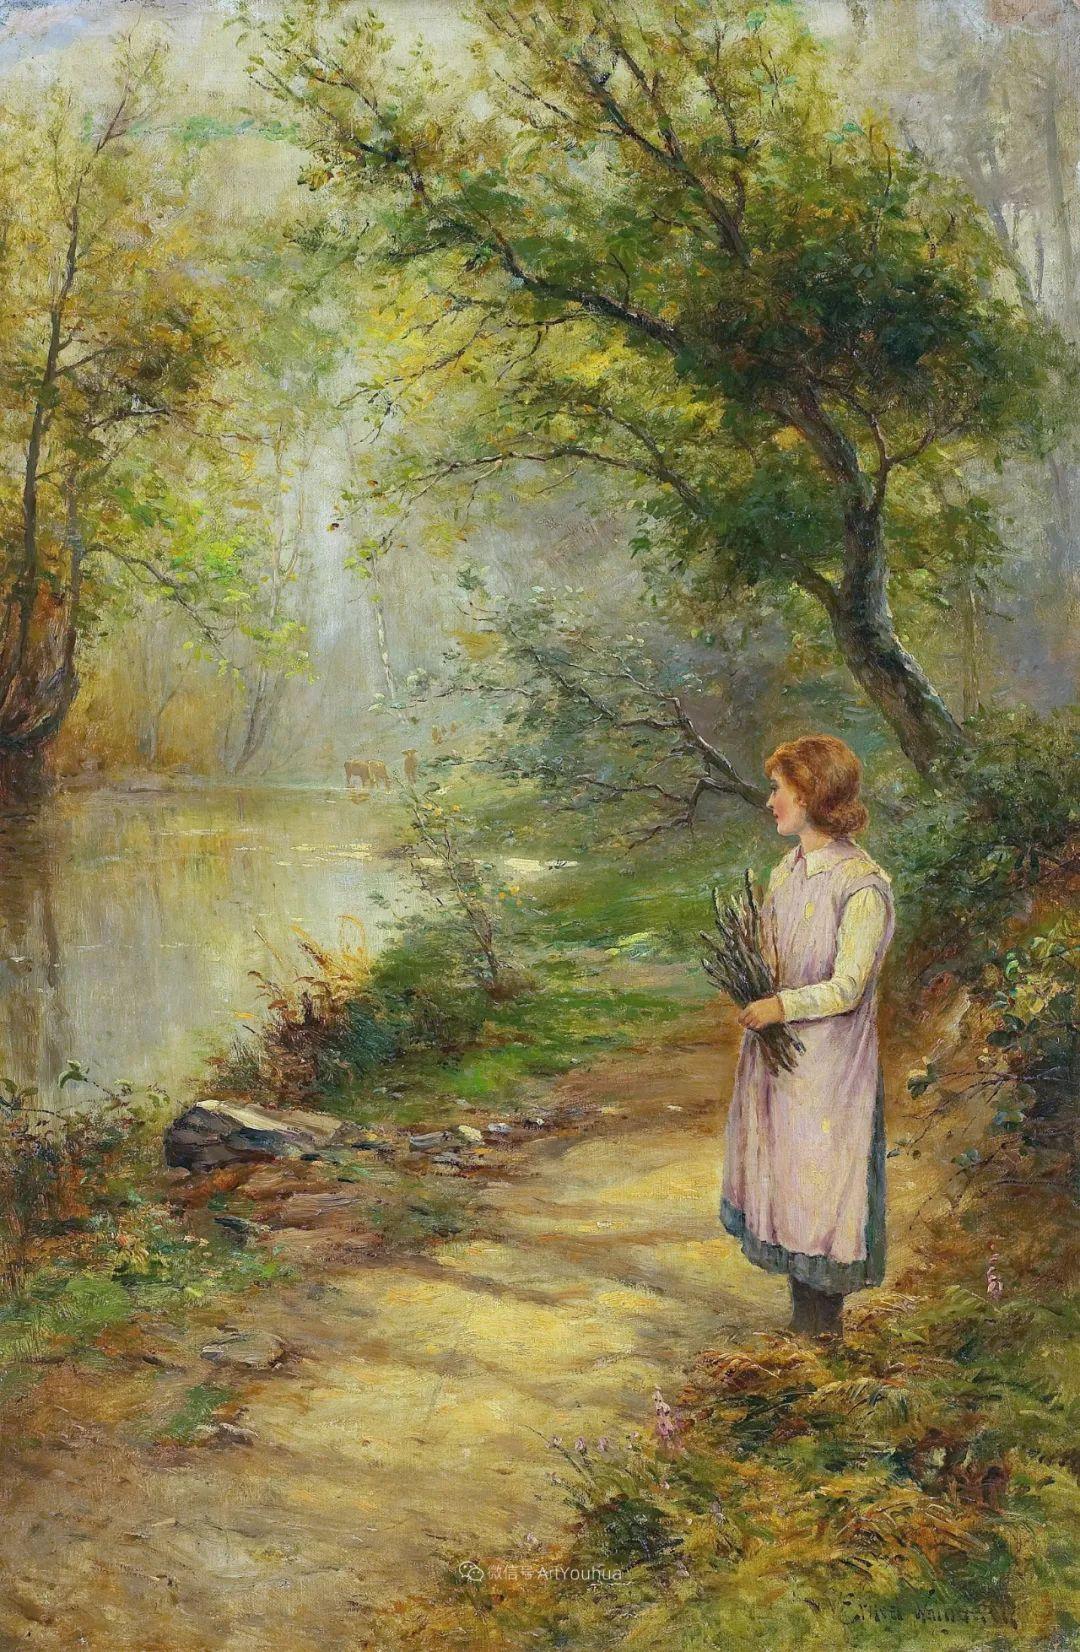 他笔下的绝美乡村景象,真令人向往!英国画家Ernest Charles Walbourn作品(上)插图20